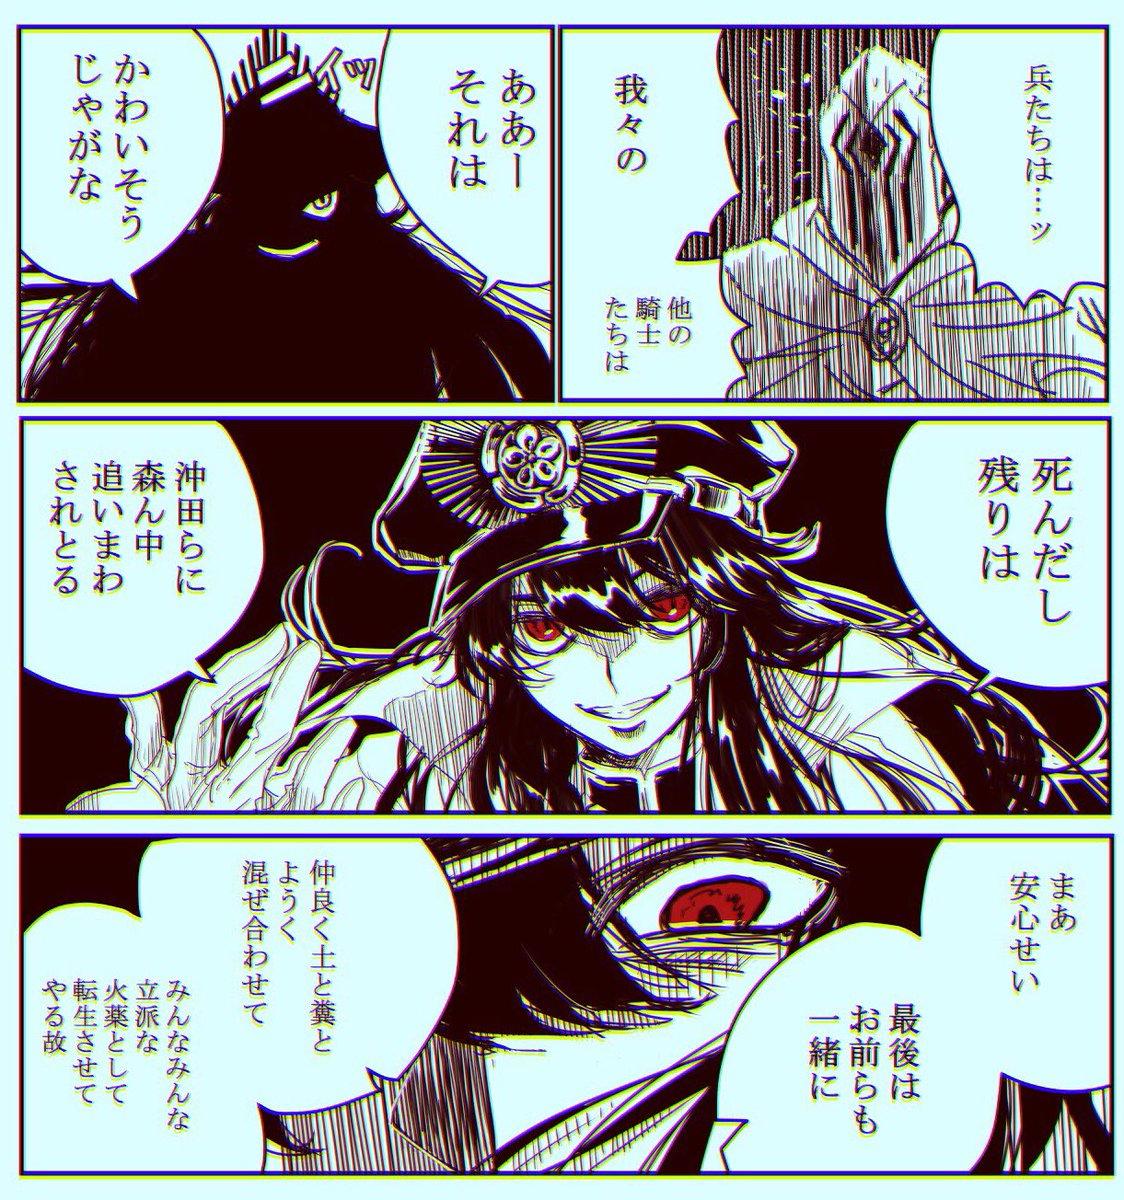 ※ドリフパロ(n番煎じ)   FGOでもちゃんと第六天魔王してるノッブ見たいよ〜〜〜〜